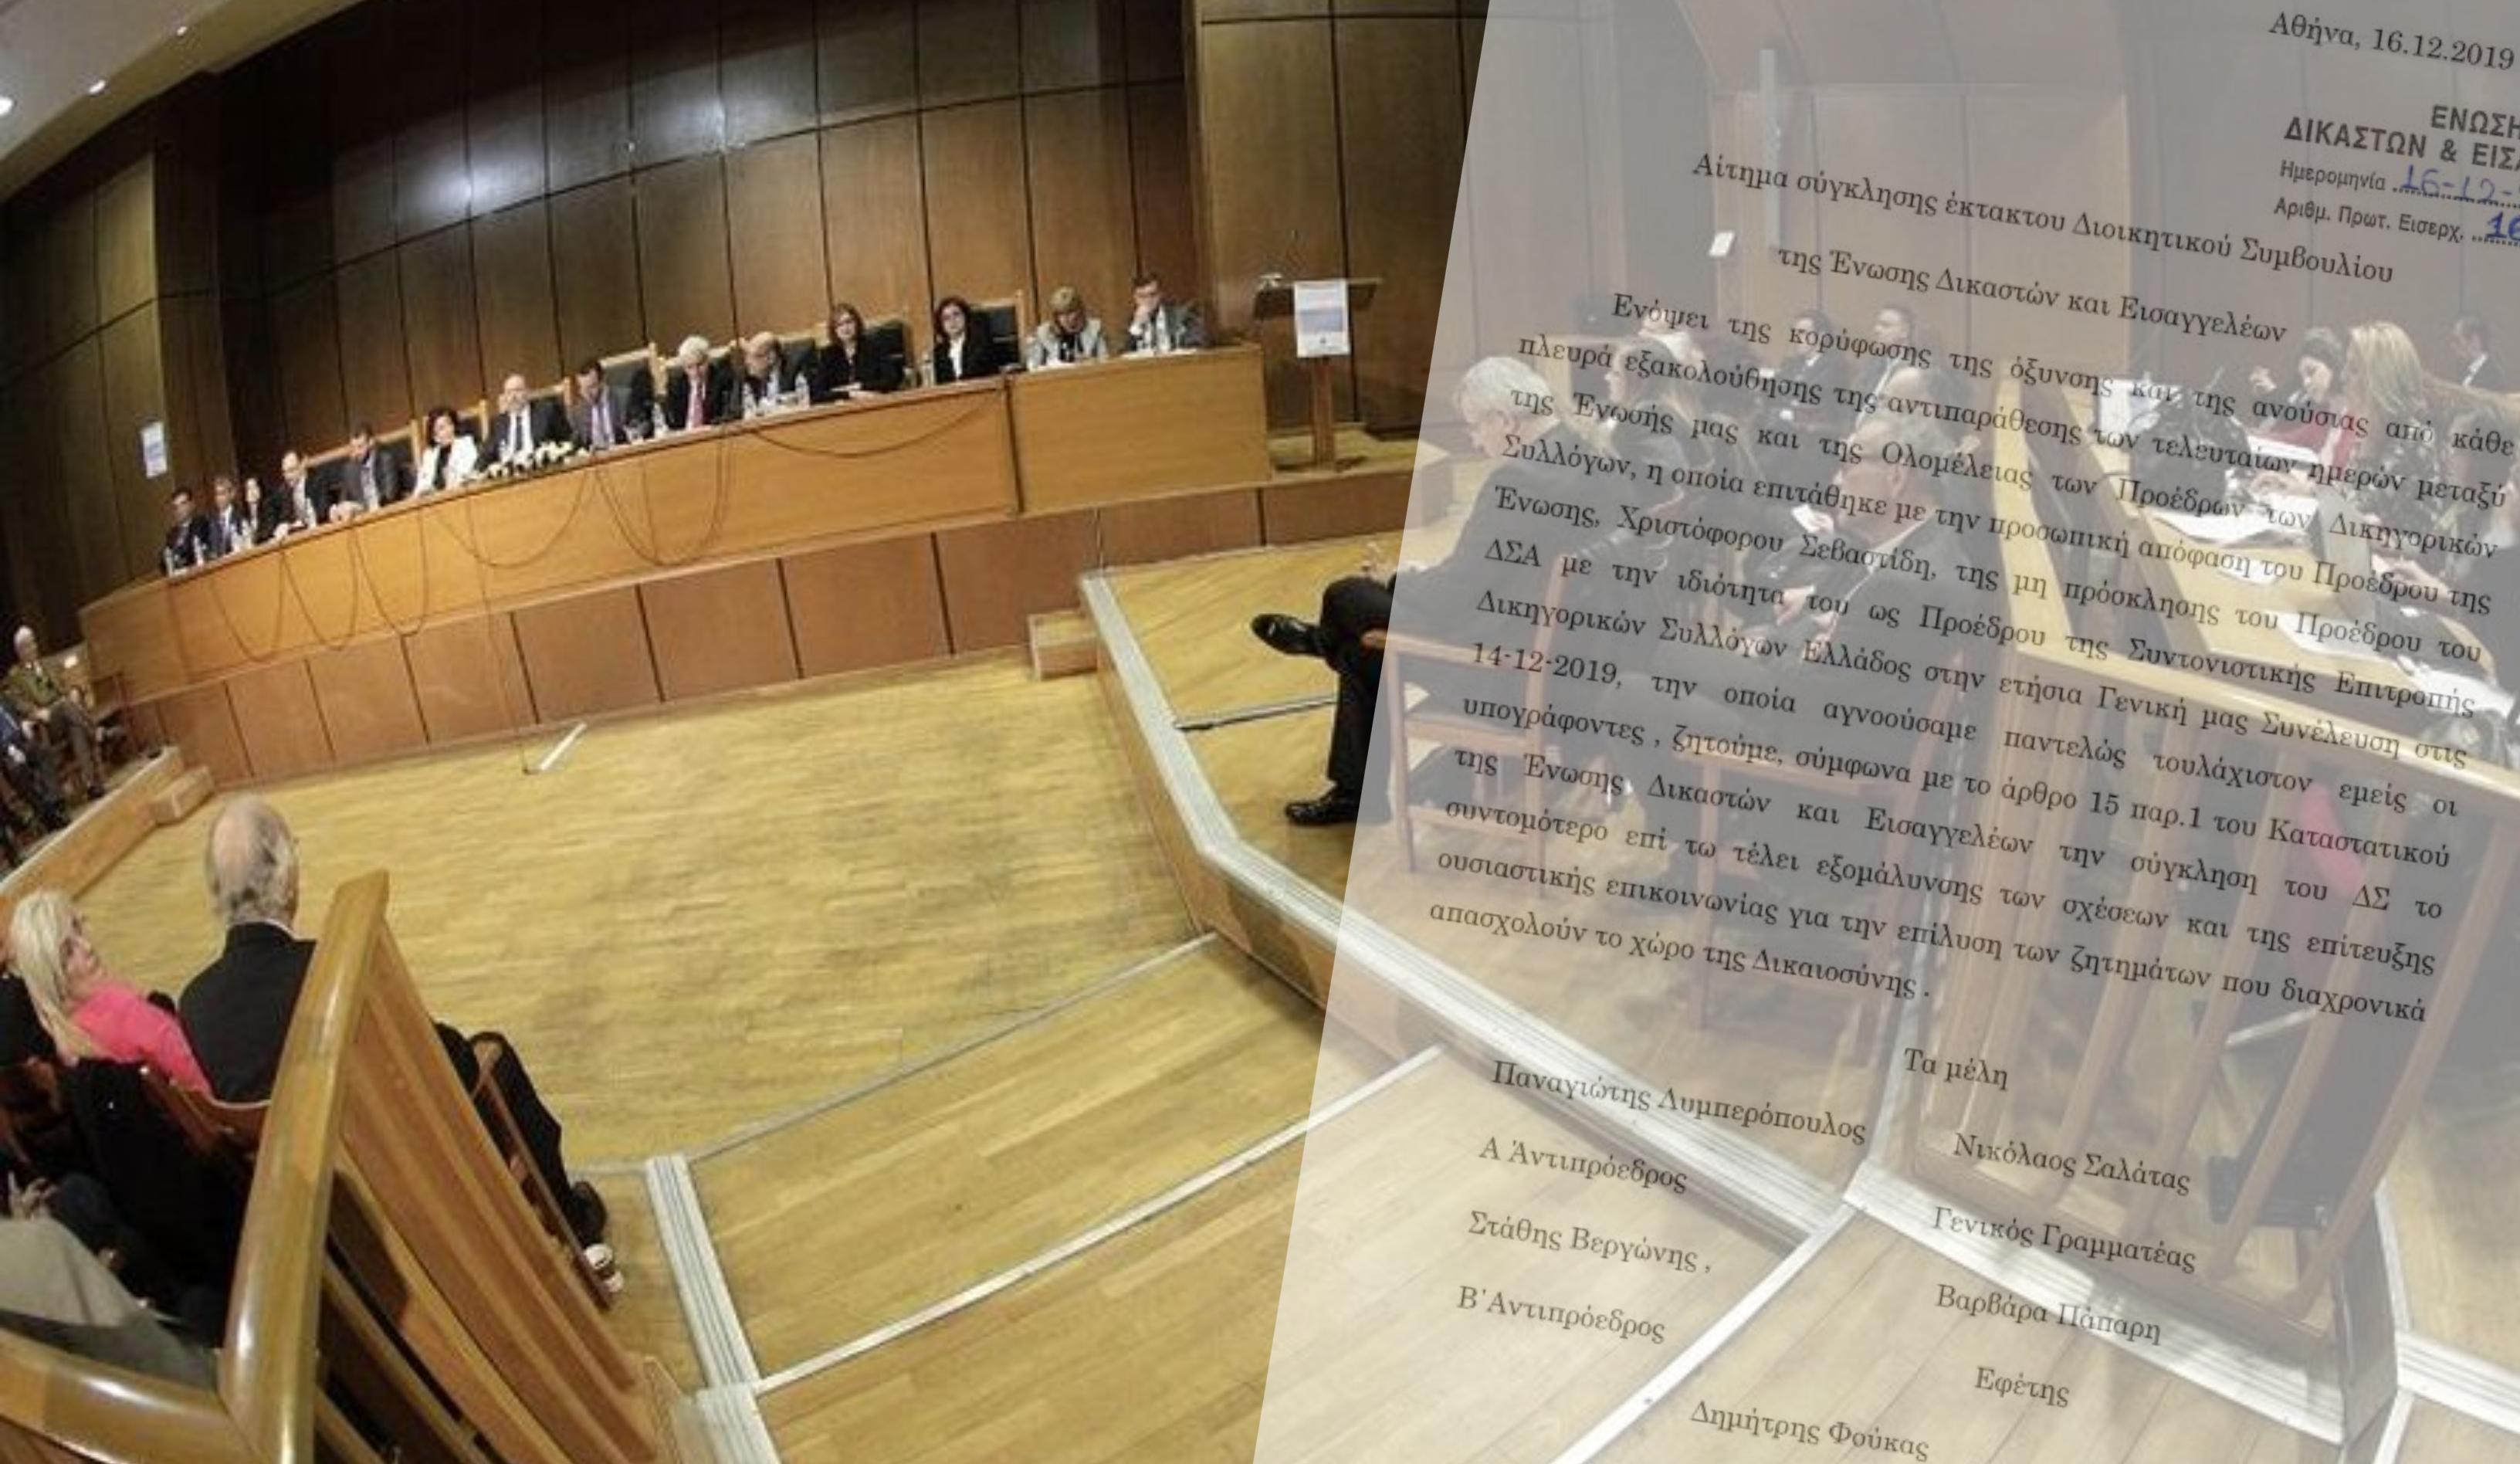 Ρωγμές στην Ενωση Δικαστών Εισαγγελέων – Εκτακτο ΔΣ ζητούν 5 μέλη του